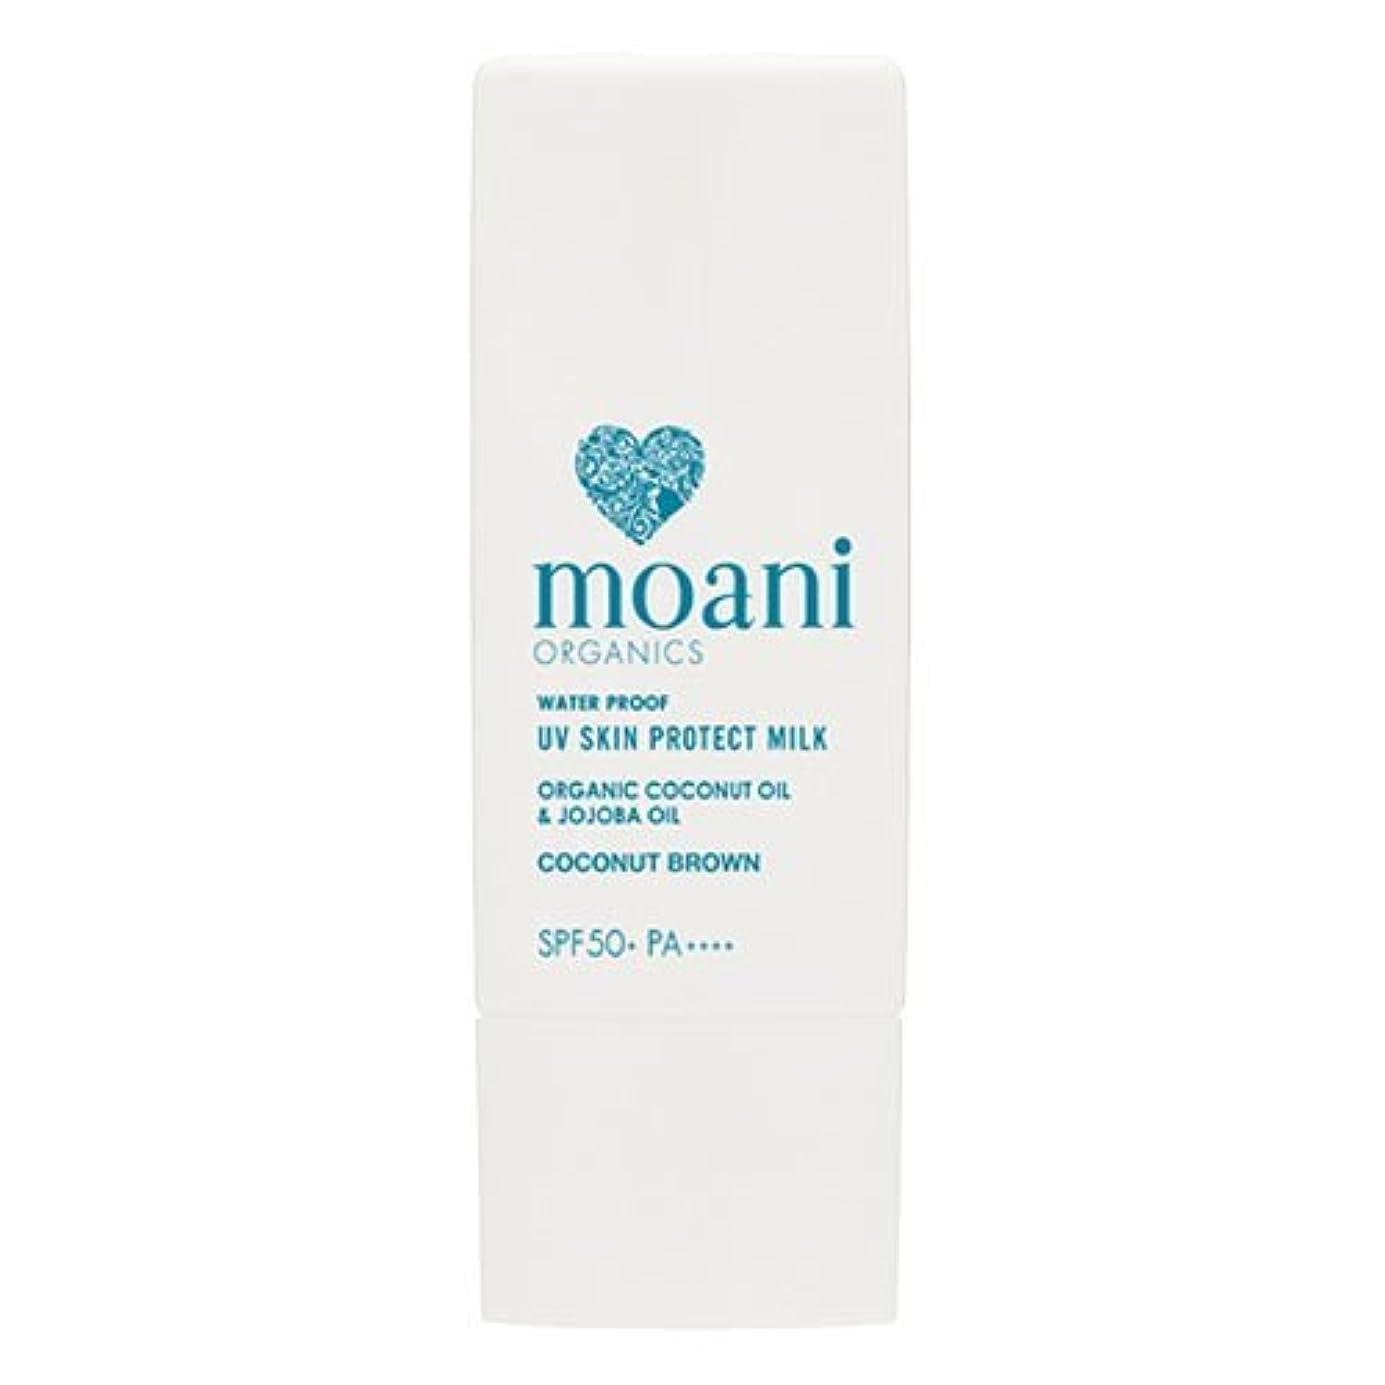 枝逸脱反動moani organics UV SKIN PROTECT MILK coconut brown(顔用日焼け止め)